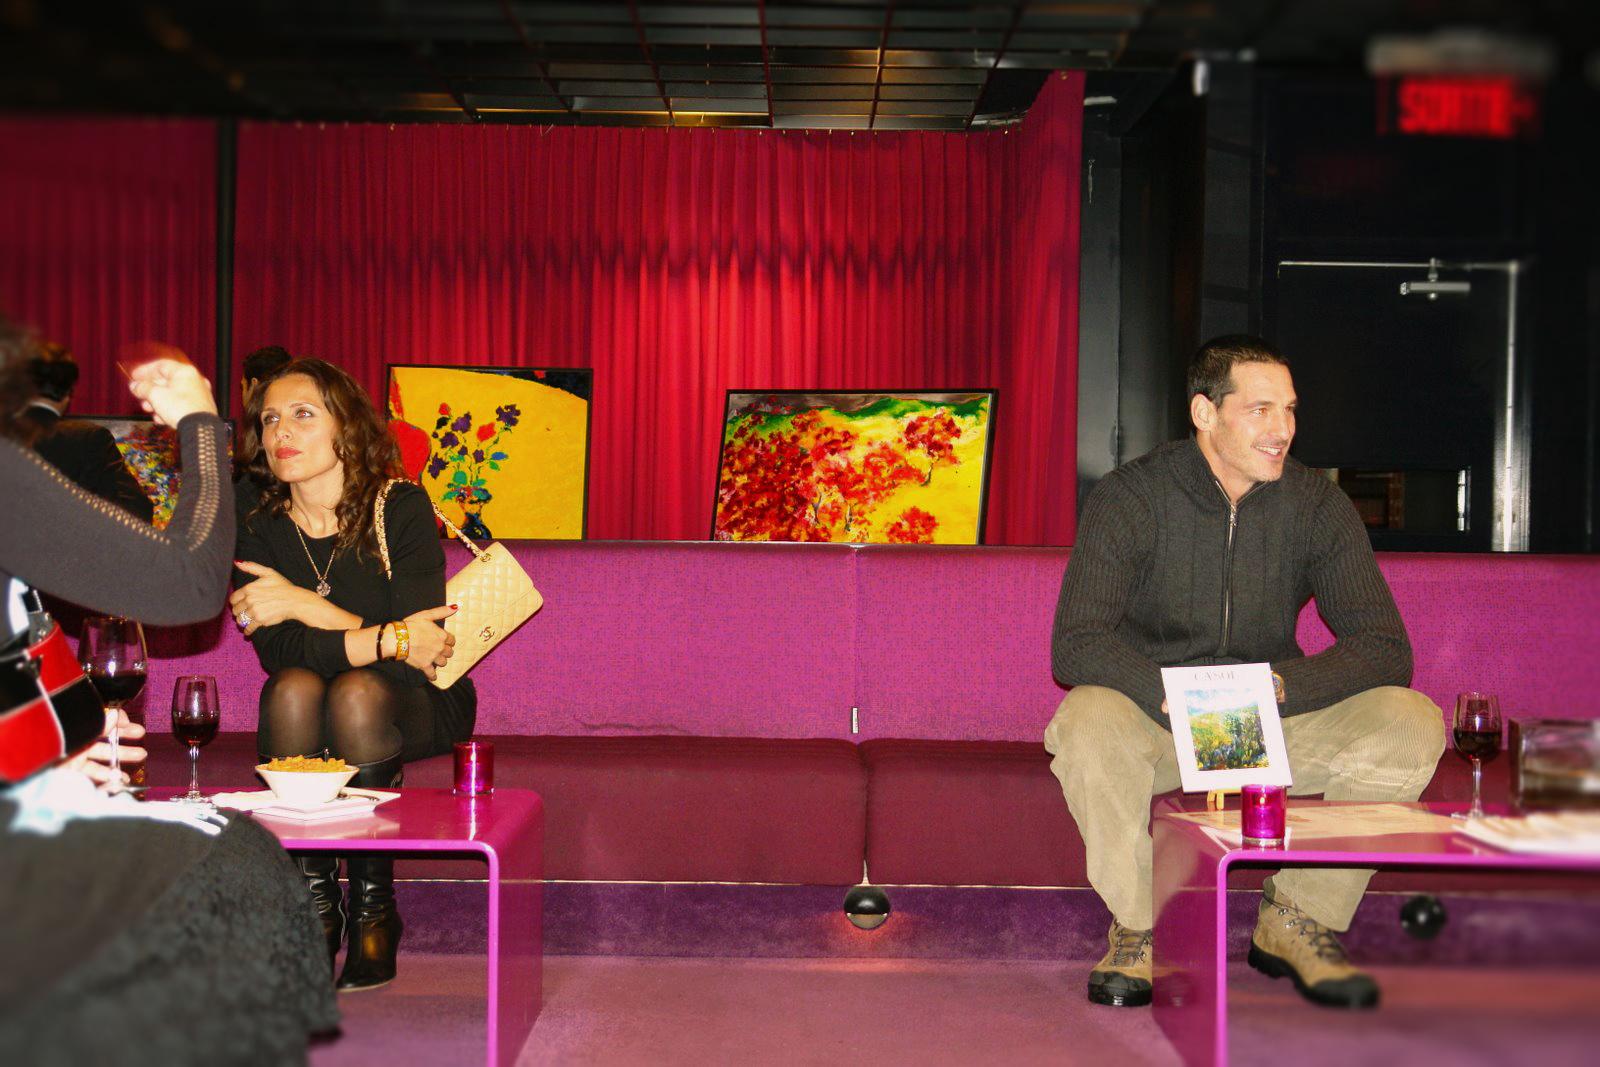 Maryse Casol Art Exhibition 2007, Cerisiers en Fleurs painting, Buonanotte, Montreal, Canada